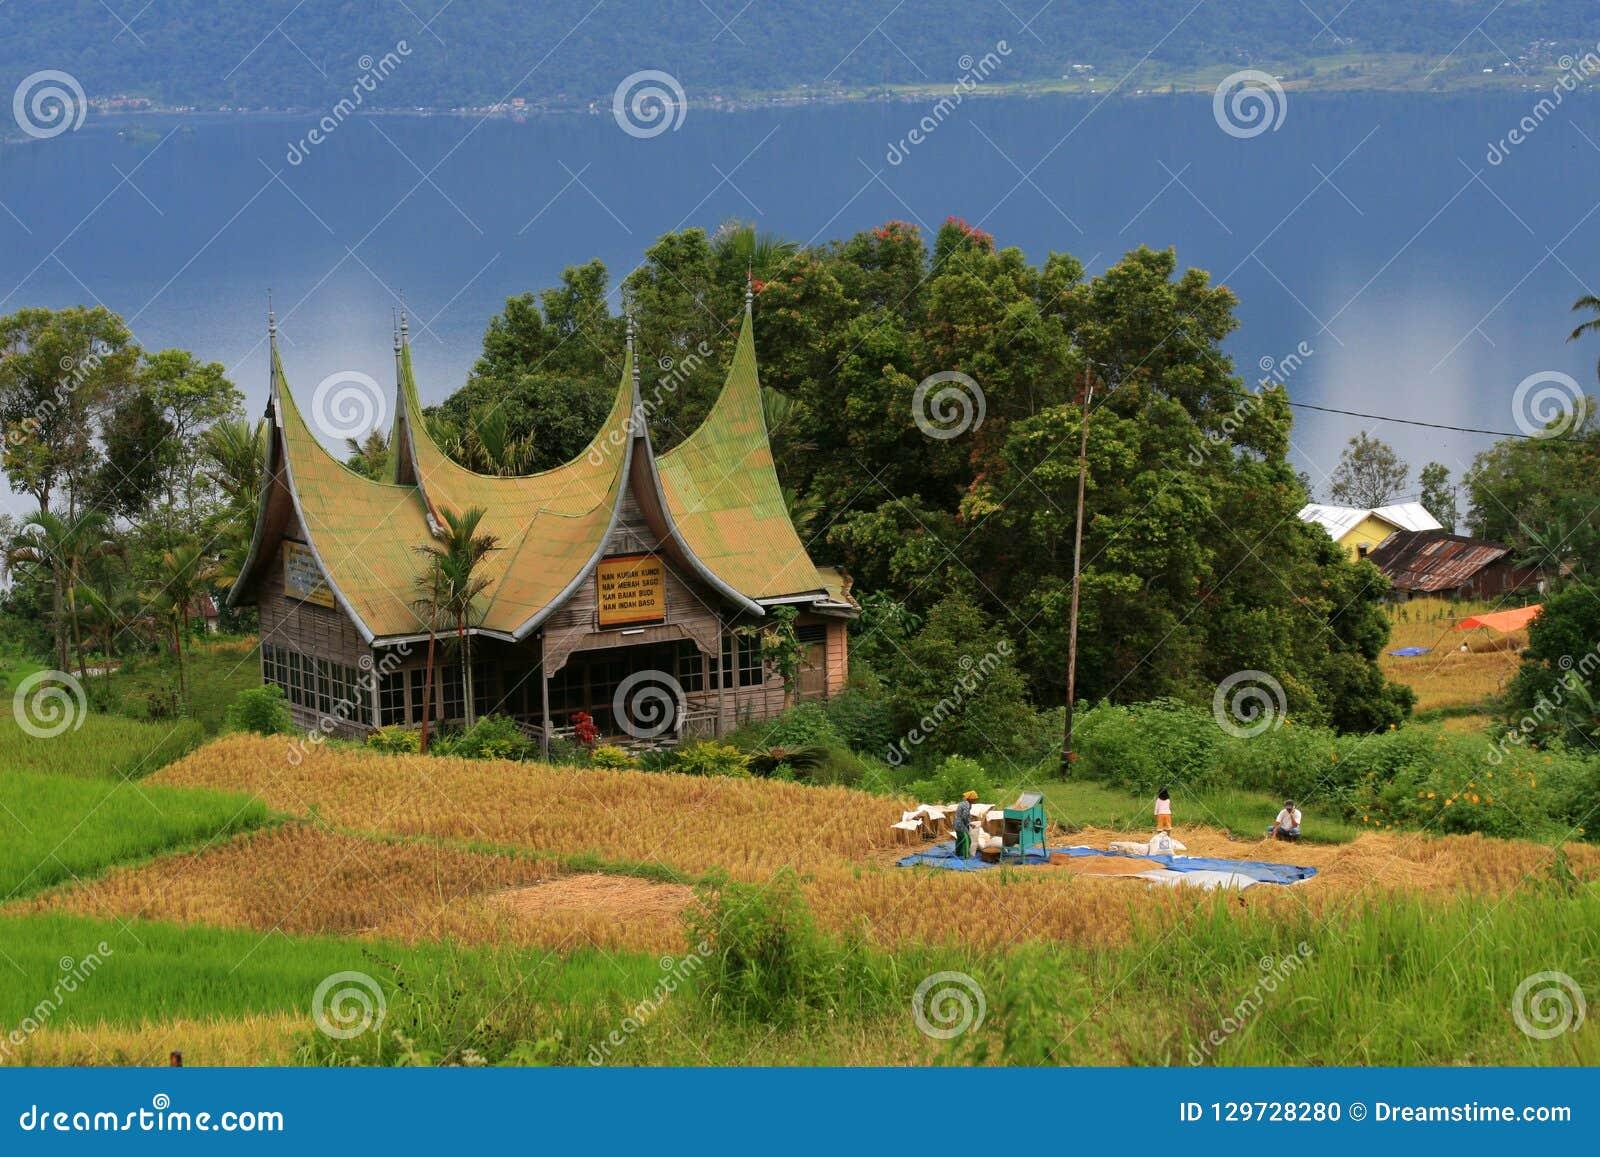 De landschapsarchitectuur van het Minangkabauhuis in padang